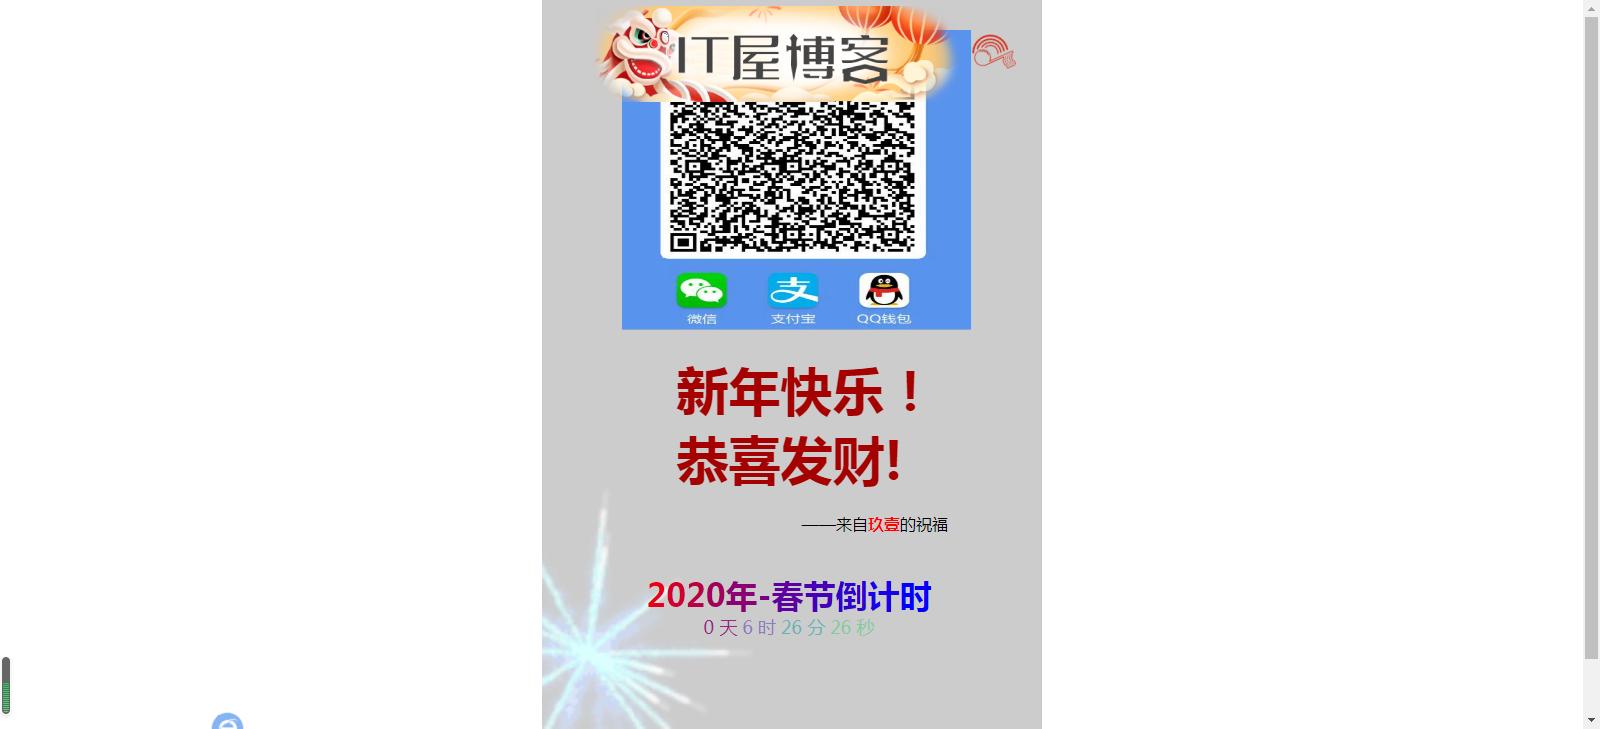 2021新年快乐祝福源码 带音乐 带动画,2021新年快乐祝福源码 带音乐 带动画 第3张,第3张